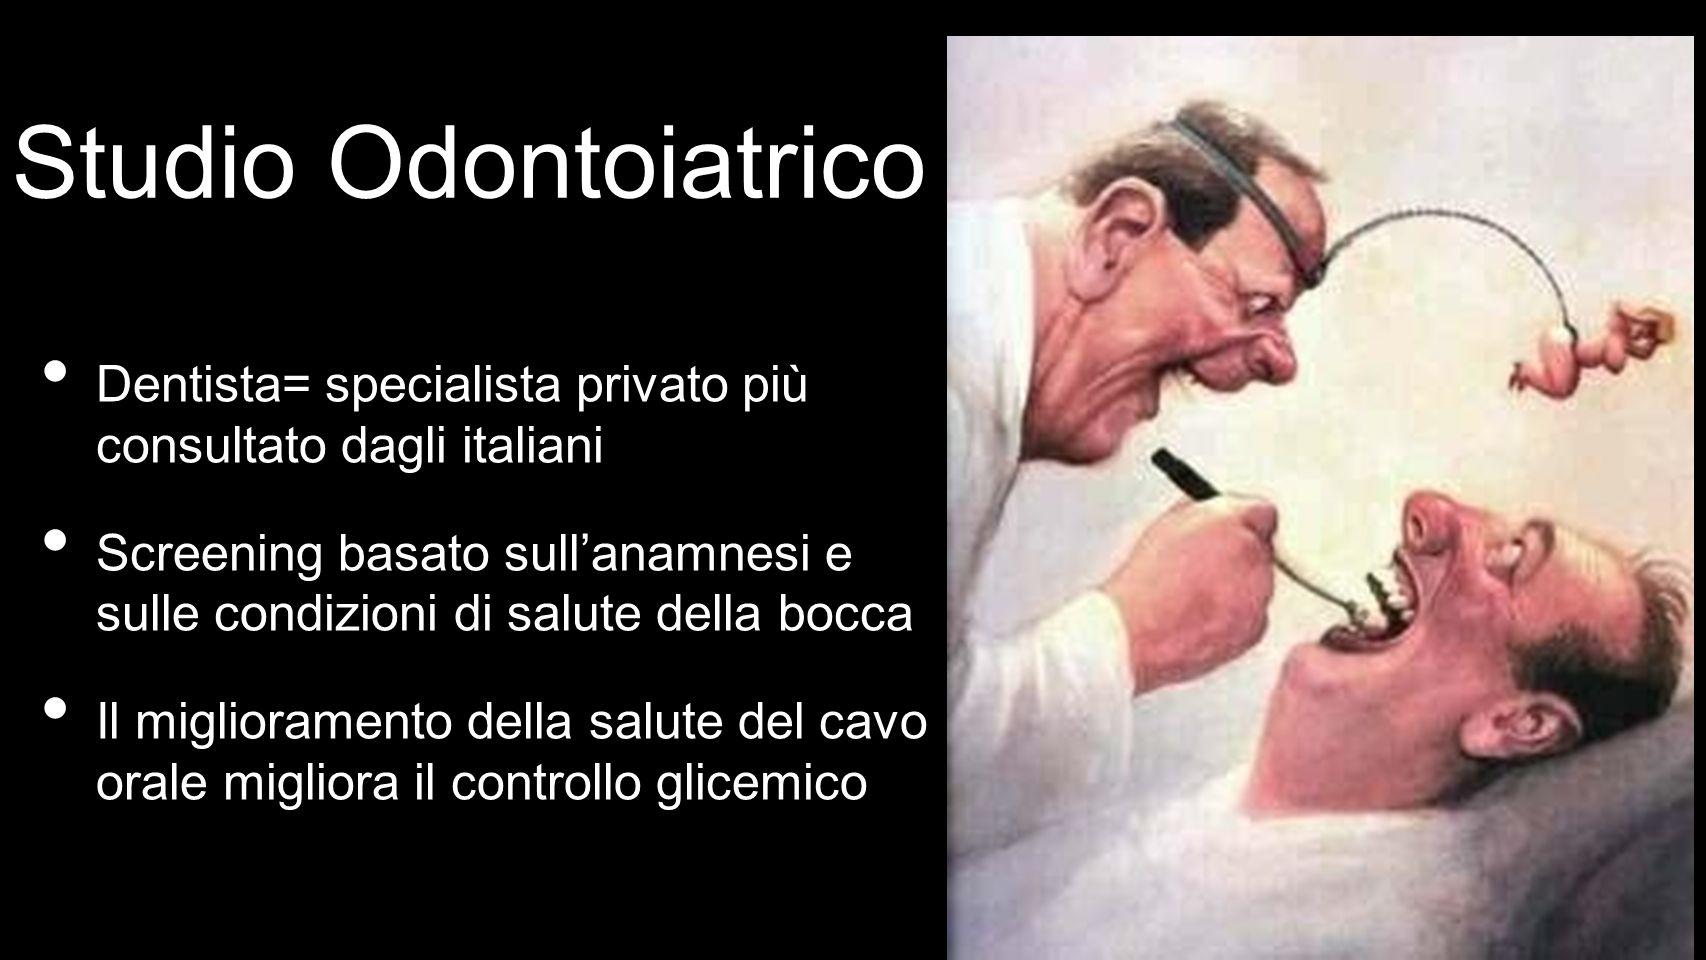 Studio Odontoiatrico Dentista= specialista privato più consultato dagli italiani Screening basato sullanamnesi e sulle condizioni di salute della bocca Il miglioramento della salute del cavo orale migliora il controllo glicemico